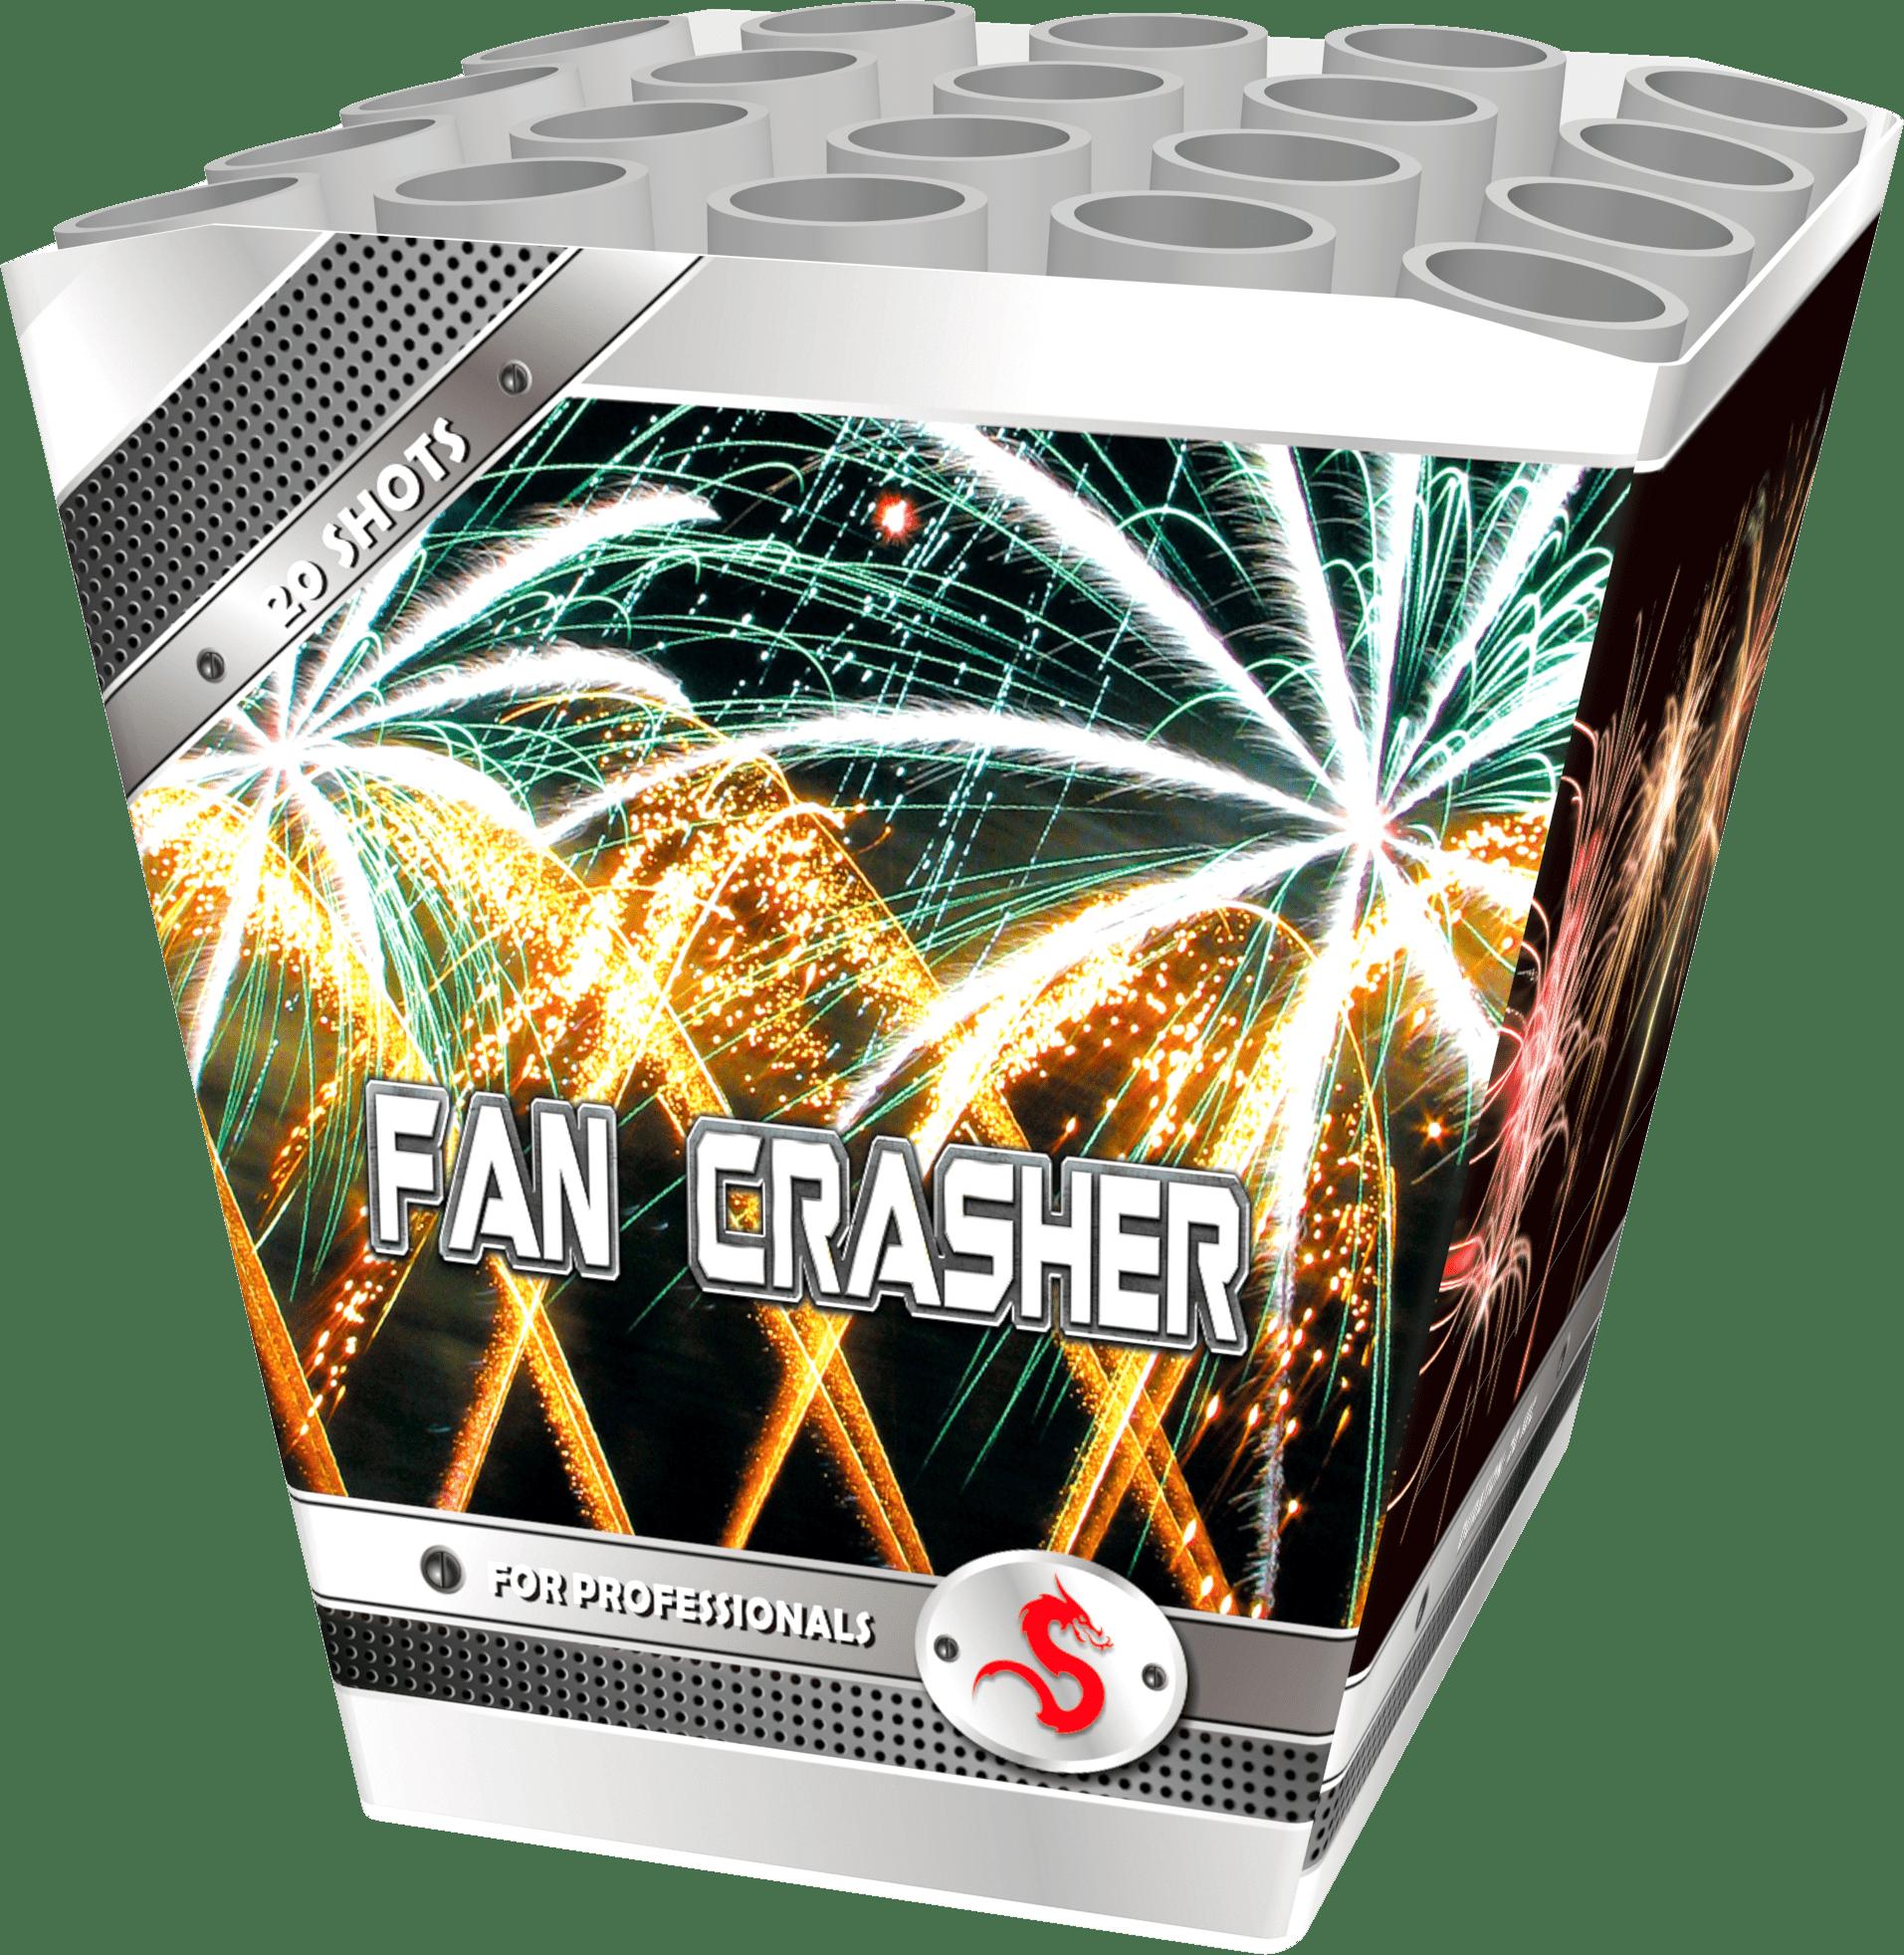 Fan Crasher